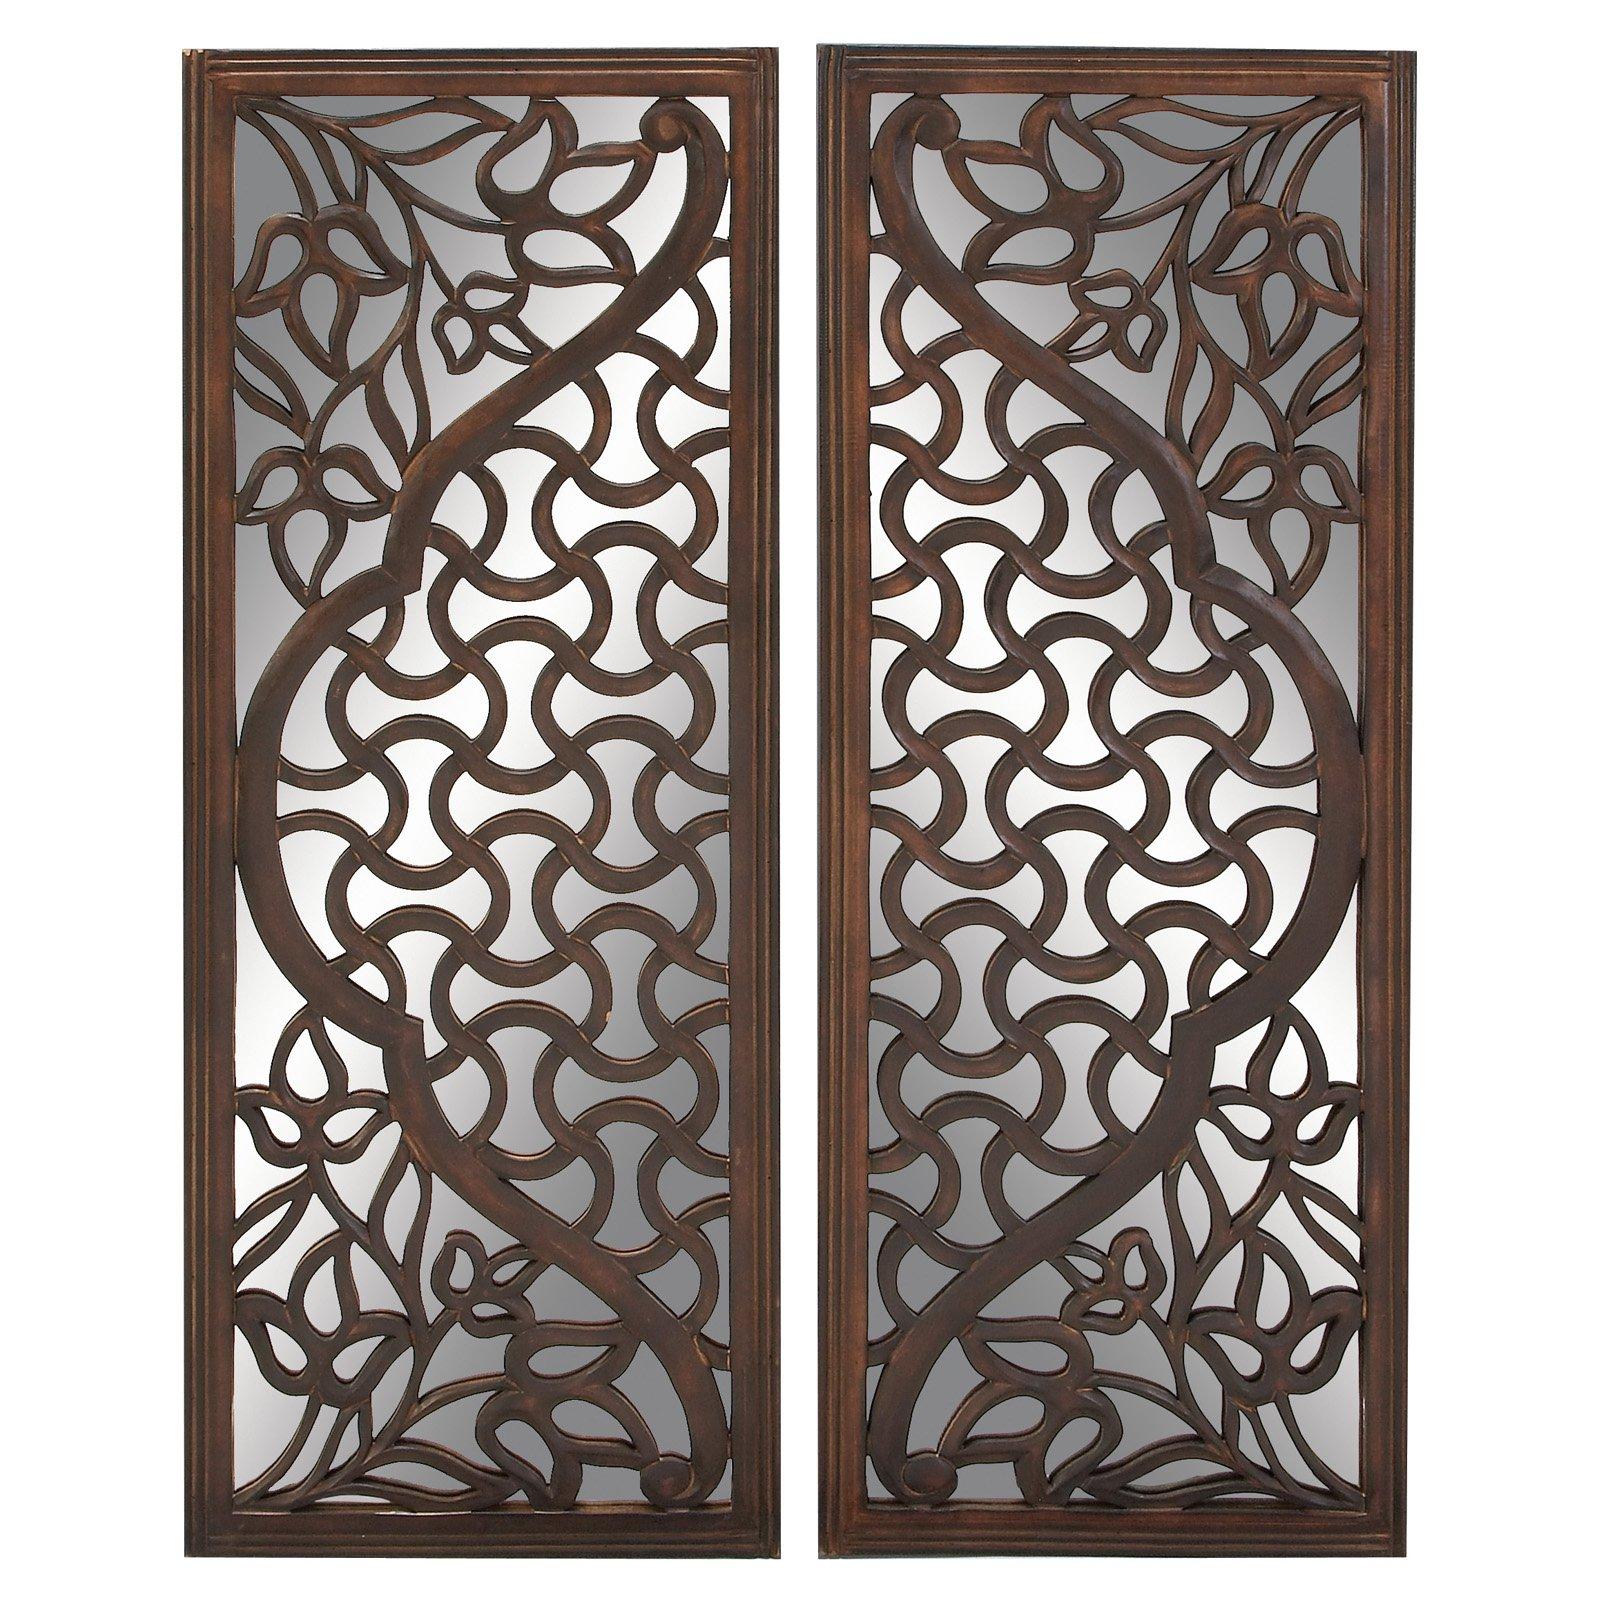 Decmode Wood Mirror Wall Panel, Set of 2, Brown